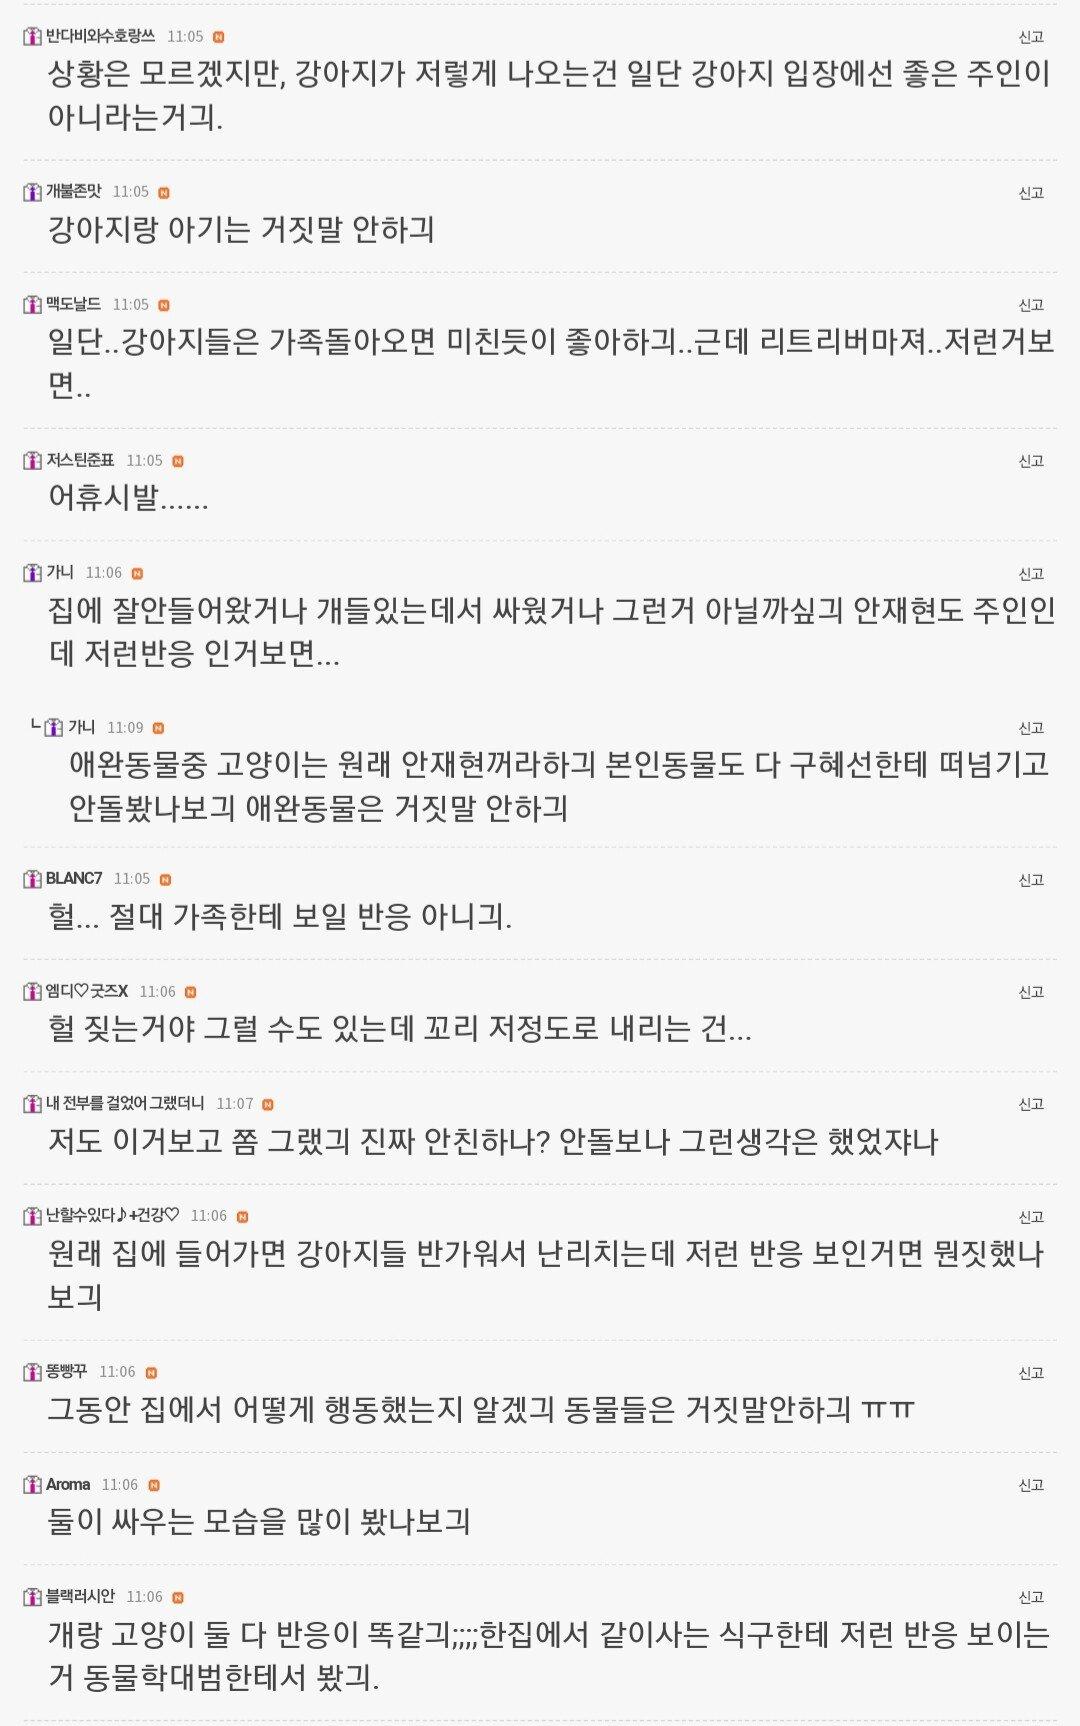 20190822_141248.jpg 드디어 안재현 측에서 반박 못할 증거 떴다.